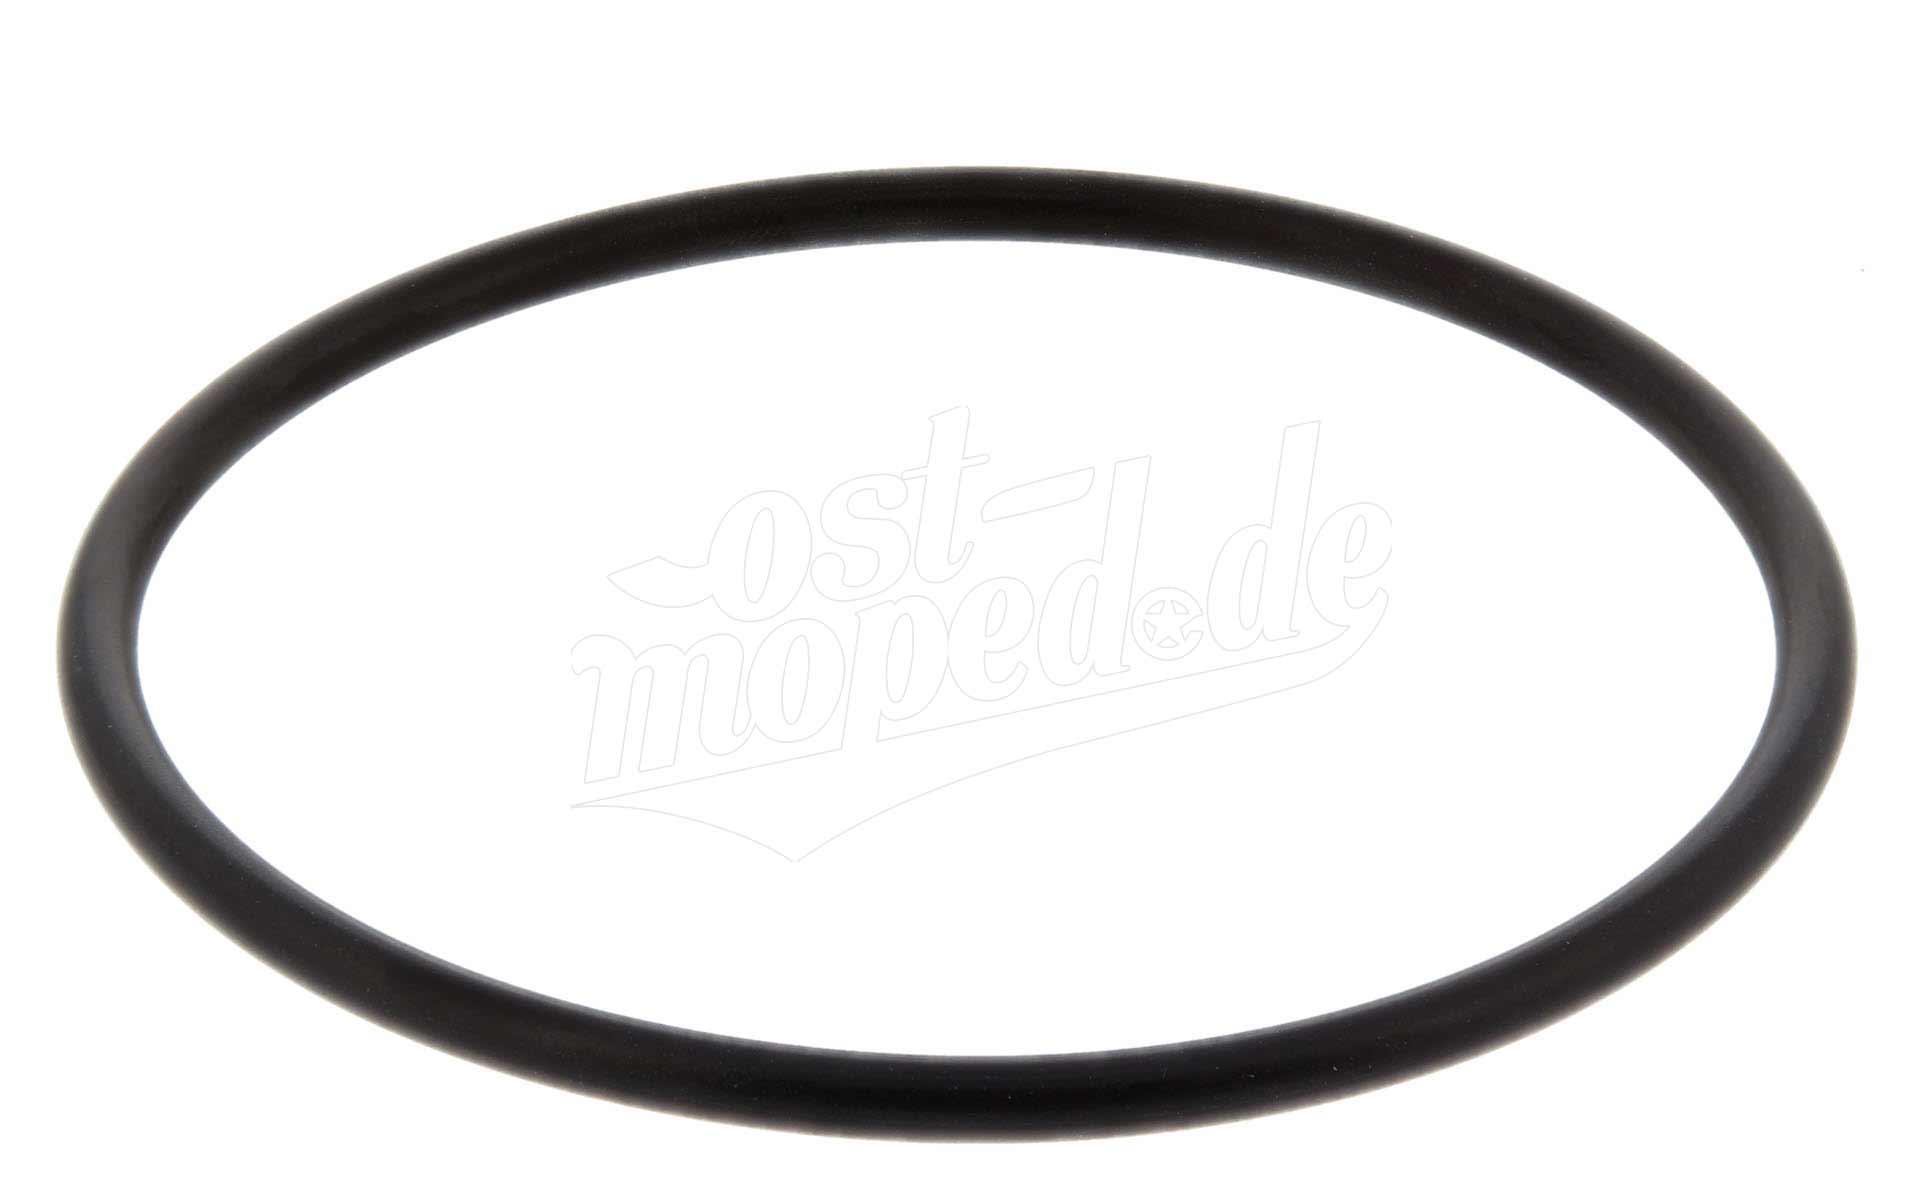 Gummidichtung für Rücklichtkappe eckig (Nr. 25321) & für rundes ø 100mm (Nr. 10163) KR51/1,Star